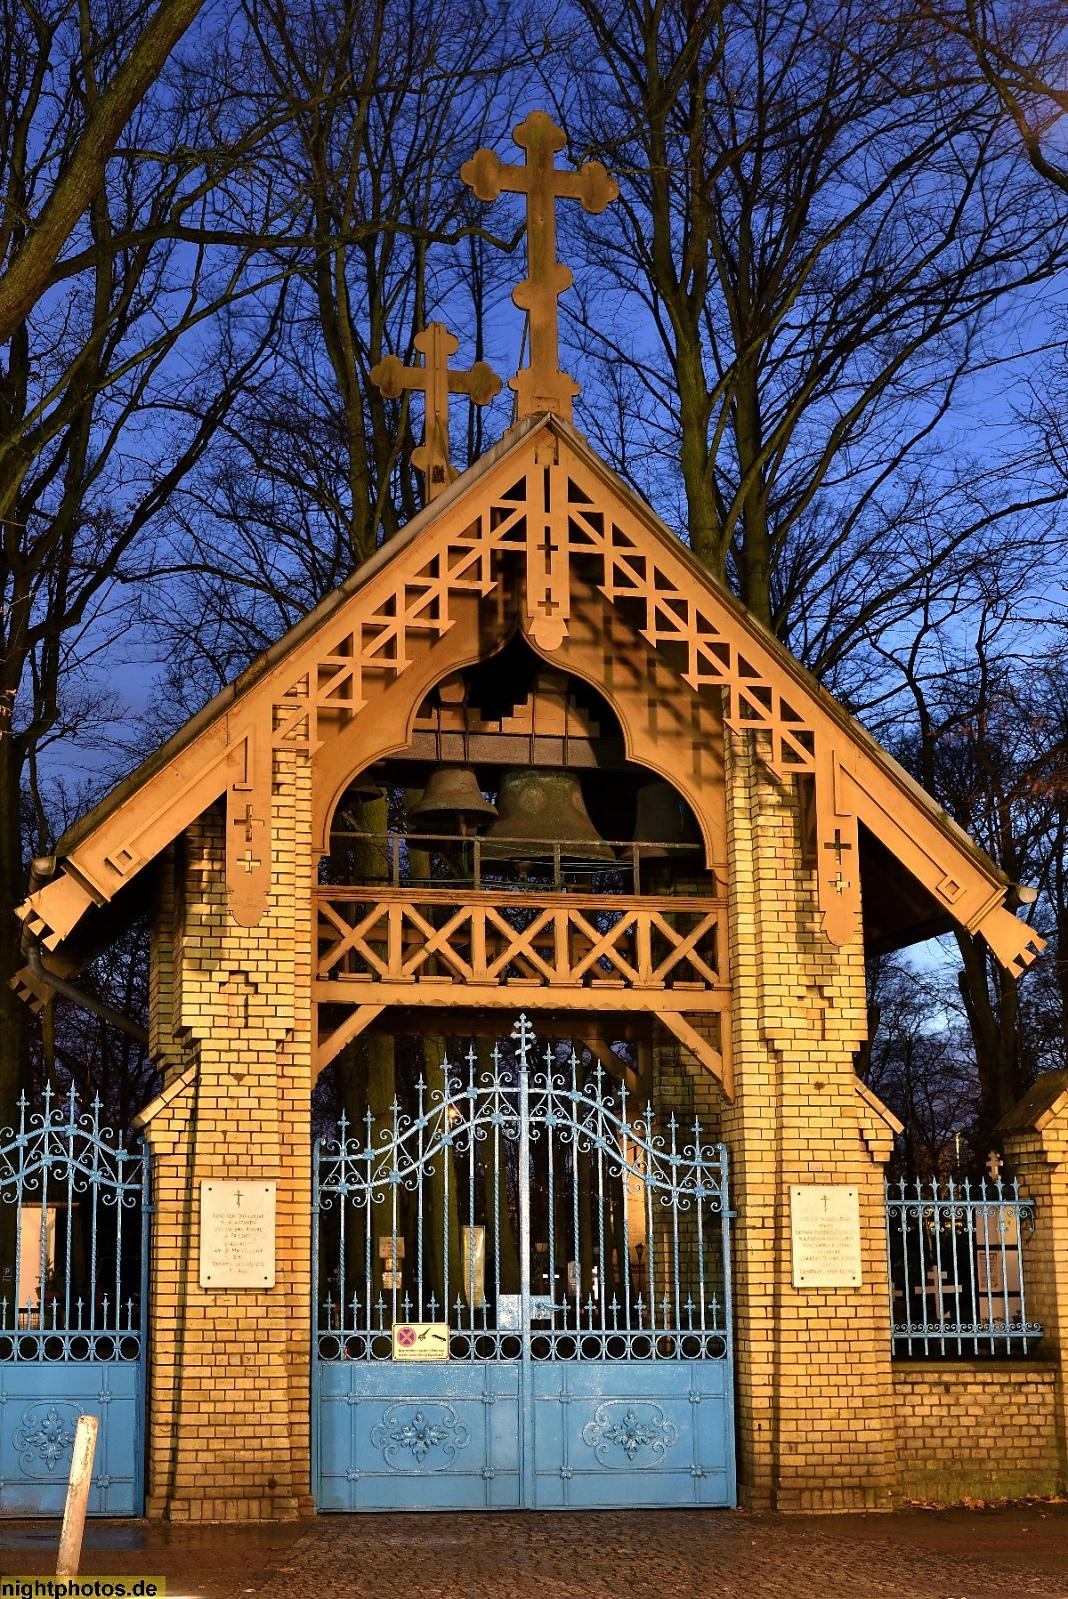 Berlin Reinickendorf Tegel Portal Mit Glocken Läutwerk Auf Dem